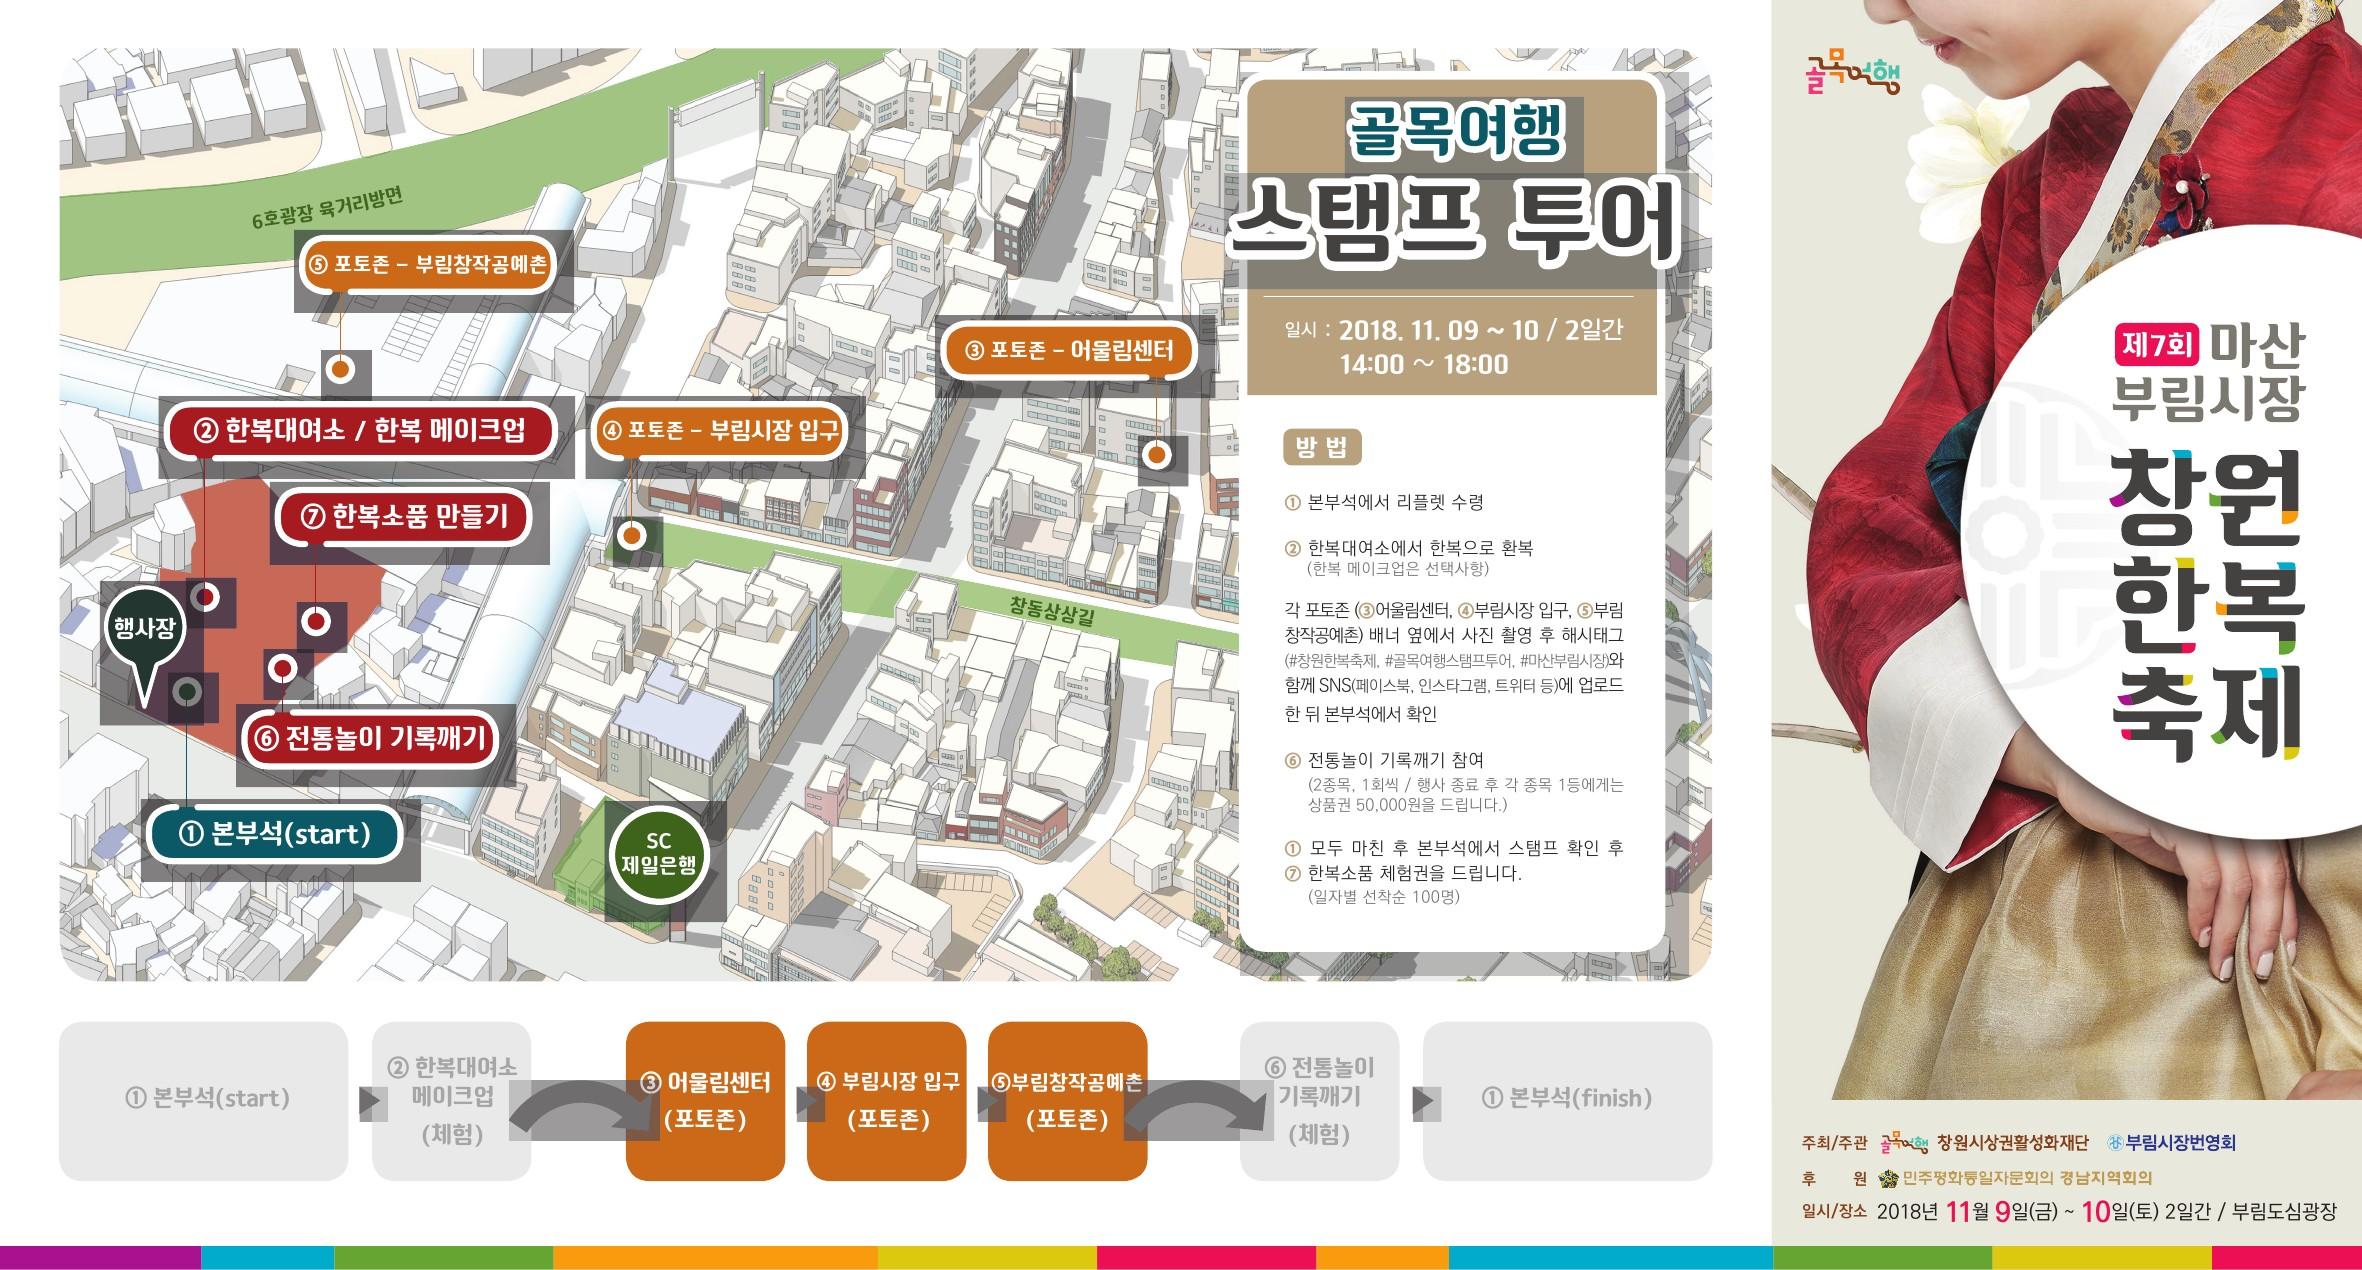 제7회 한복축제 - 리플렛_최종-1.jpg